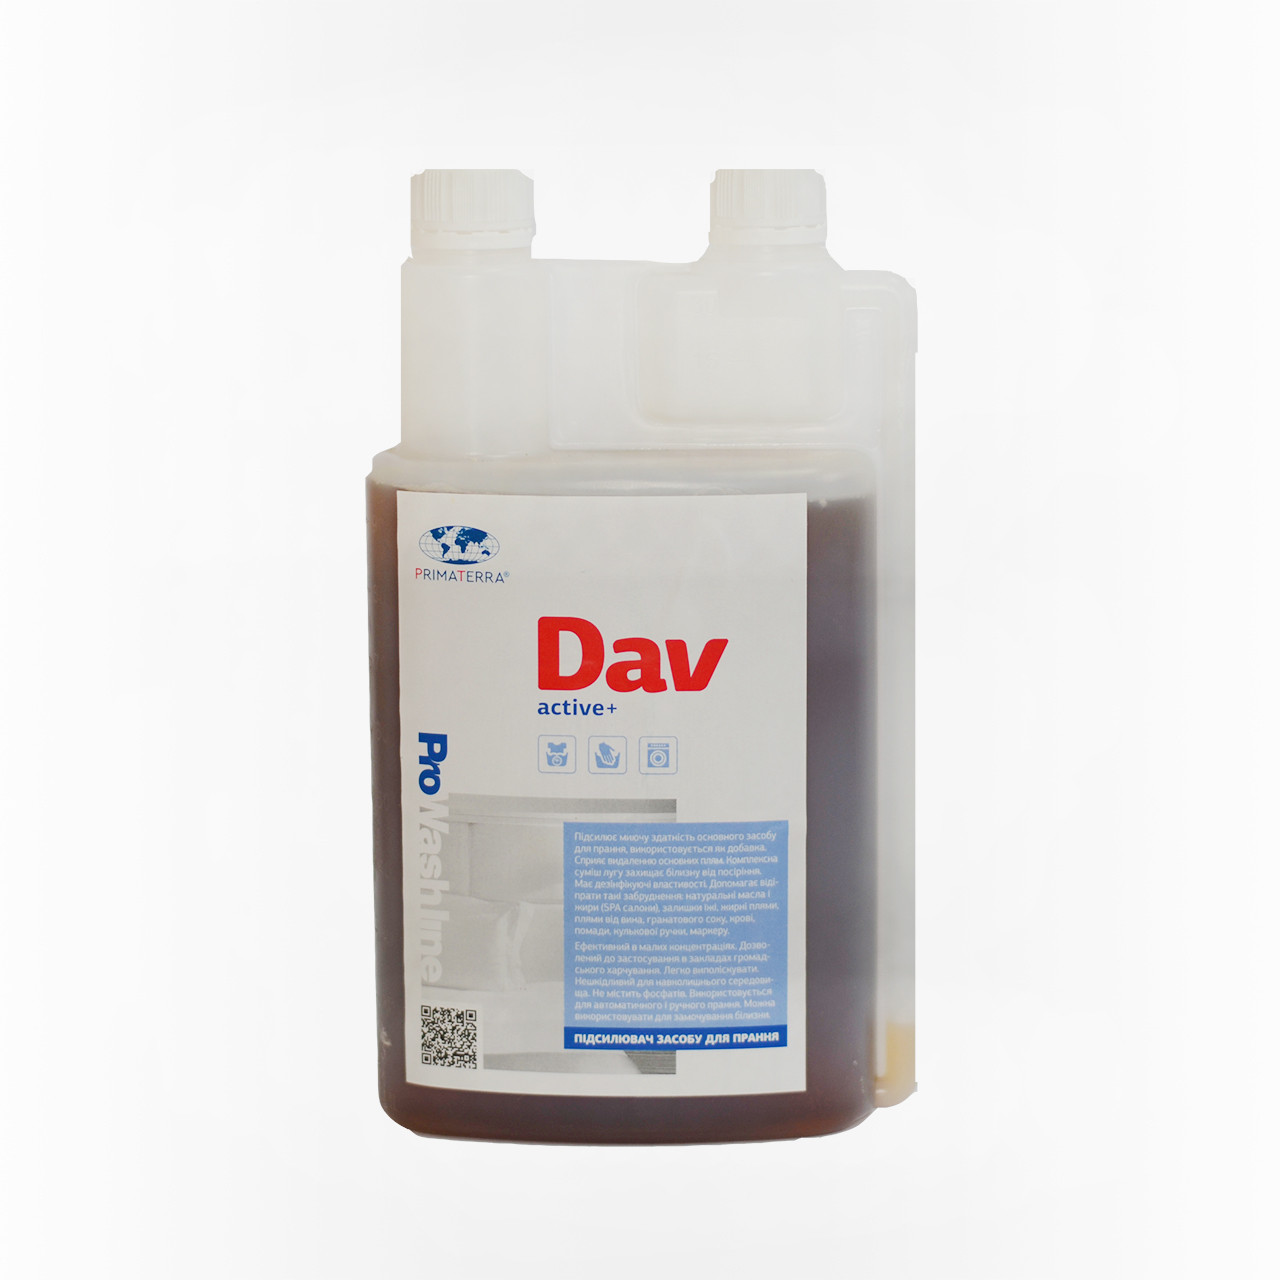 Добавка стиральному порошку, усилитель щелочности, PRIMATERRA DAV Active+ (1,2кг)